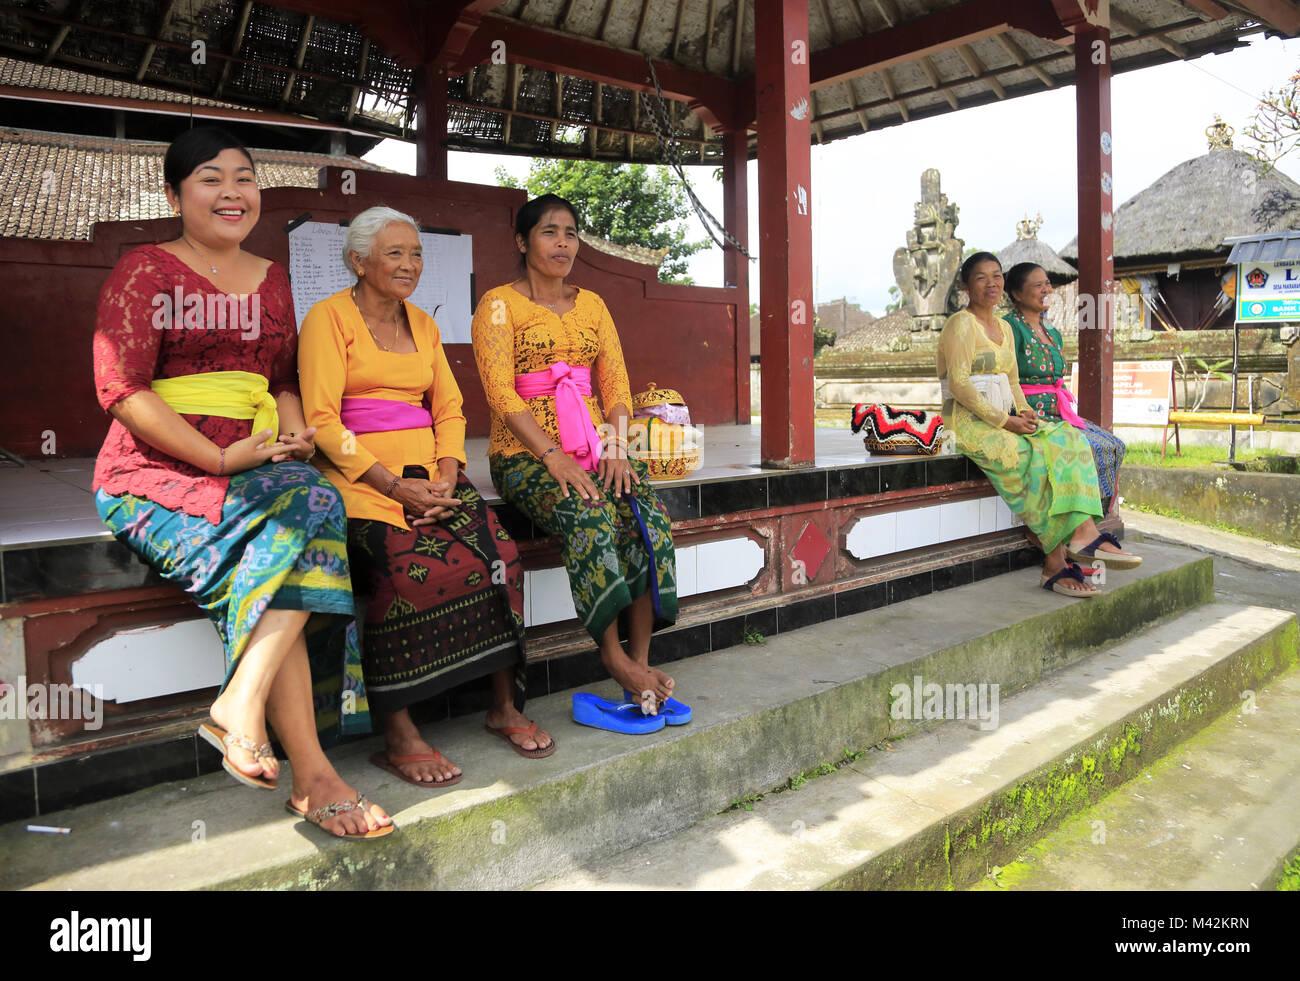 Signore locale in stile Balinese tradizionale Kebaya e sarong in un piccolo villaggio nei pressi di Ubud.Bali.Indonesia Immagini Stock